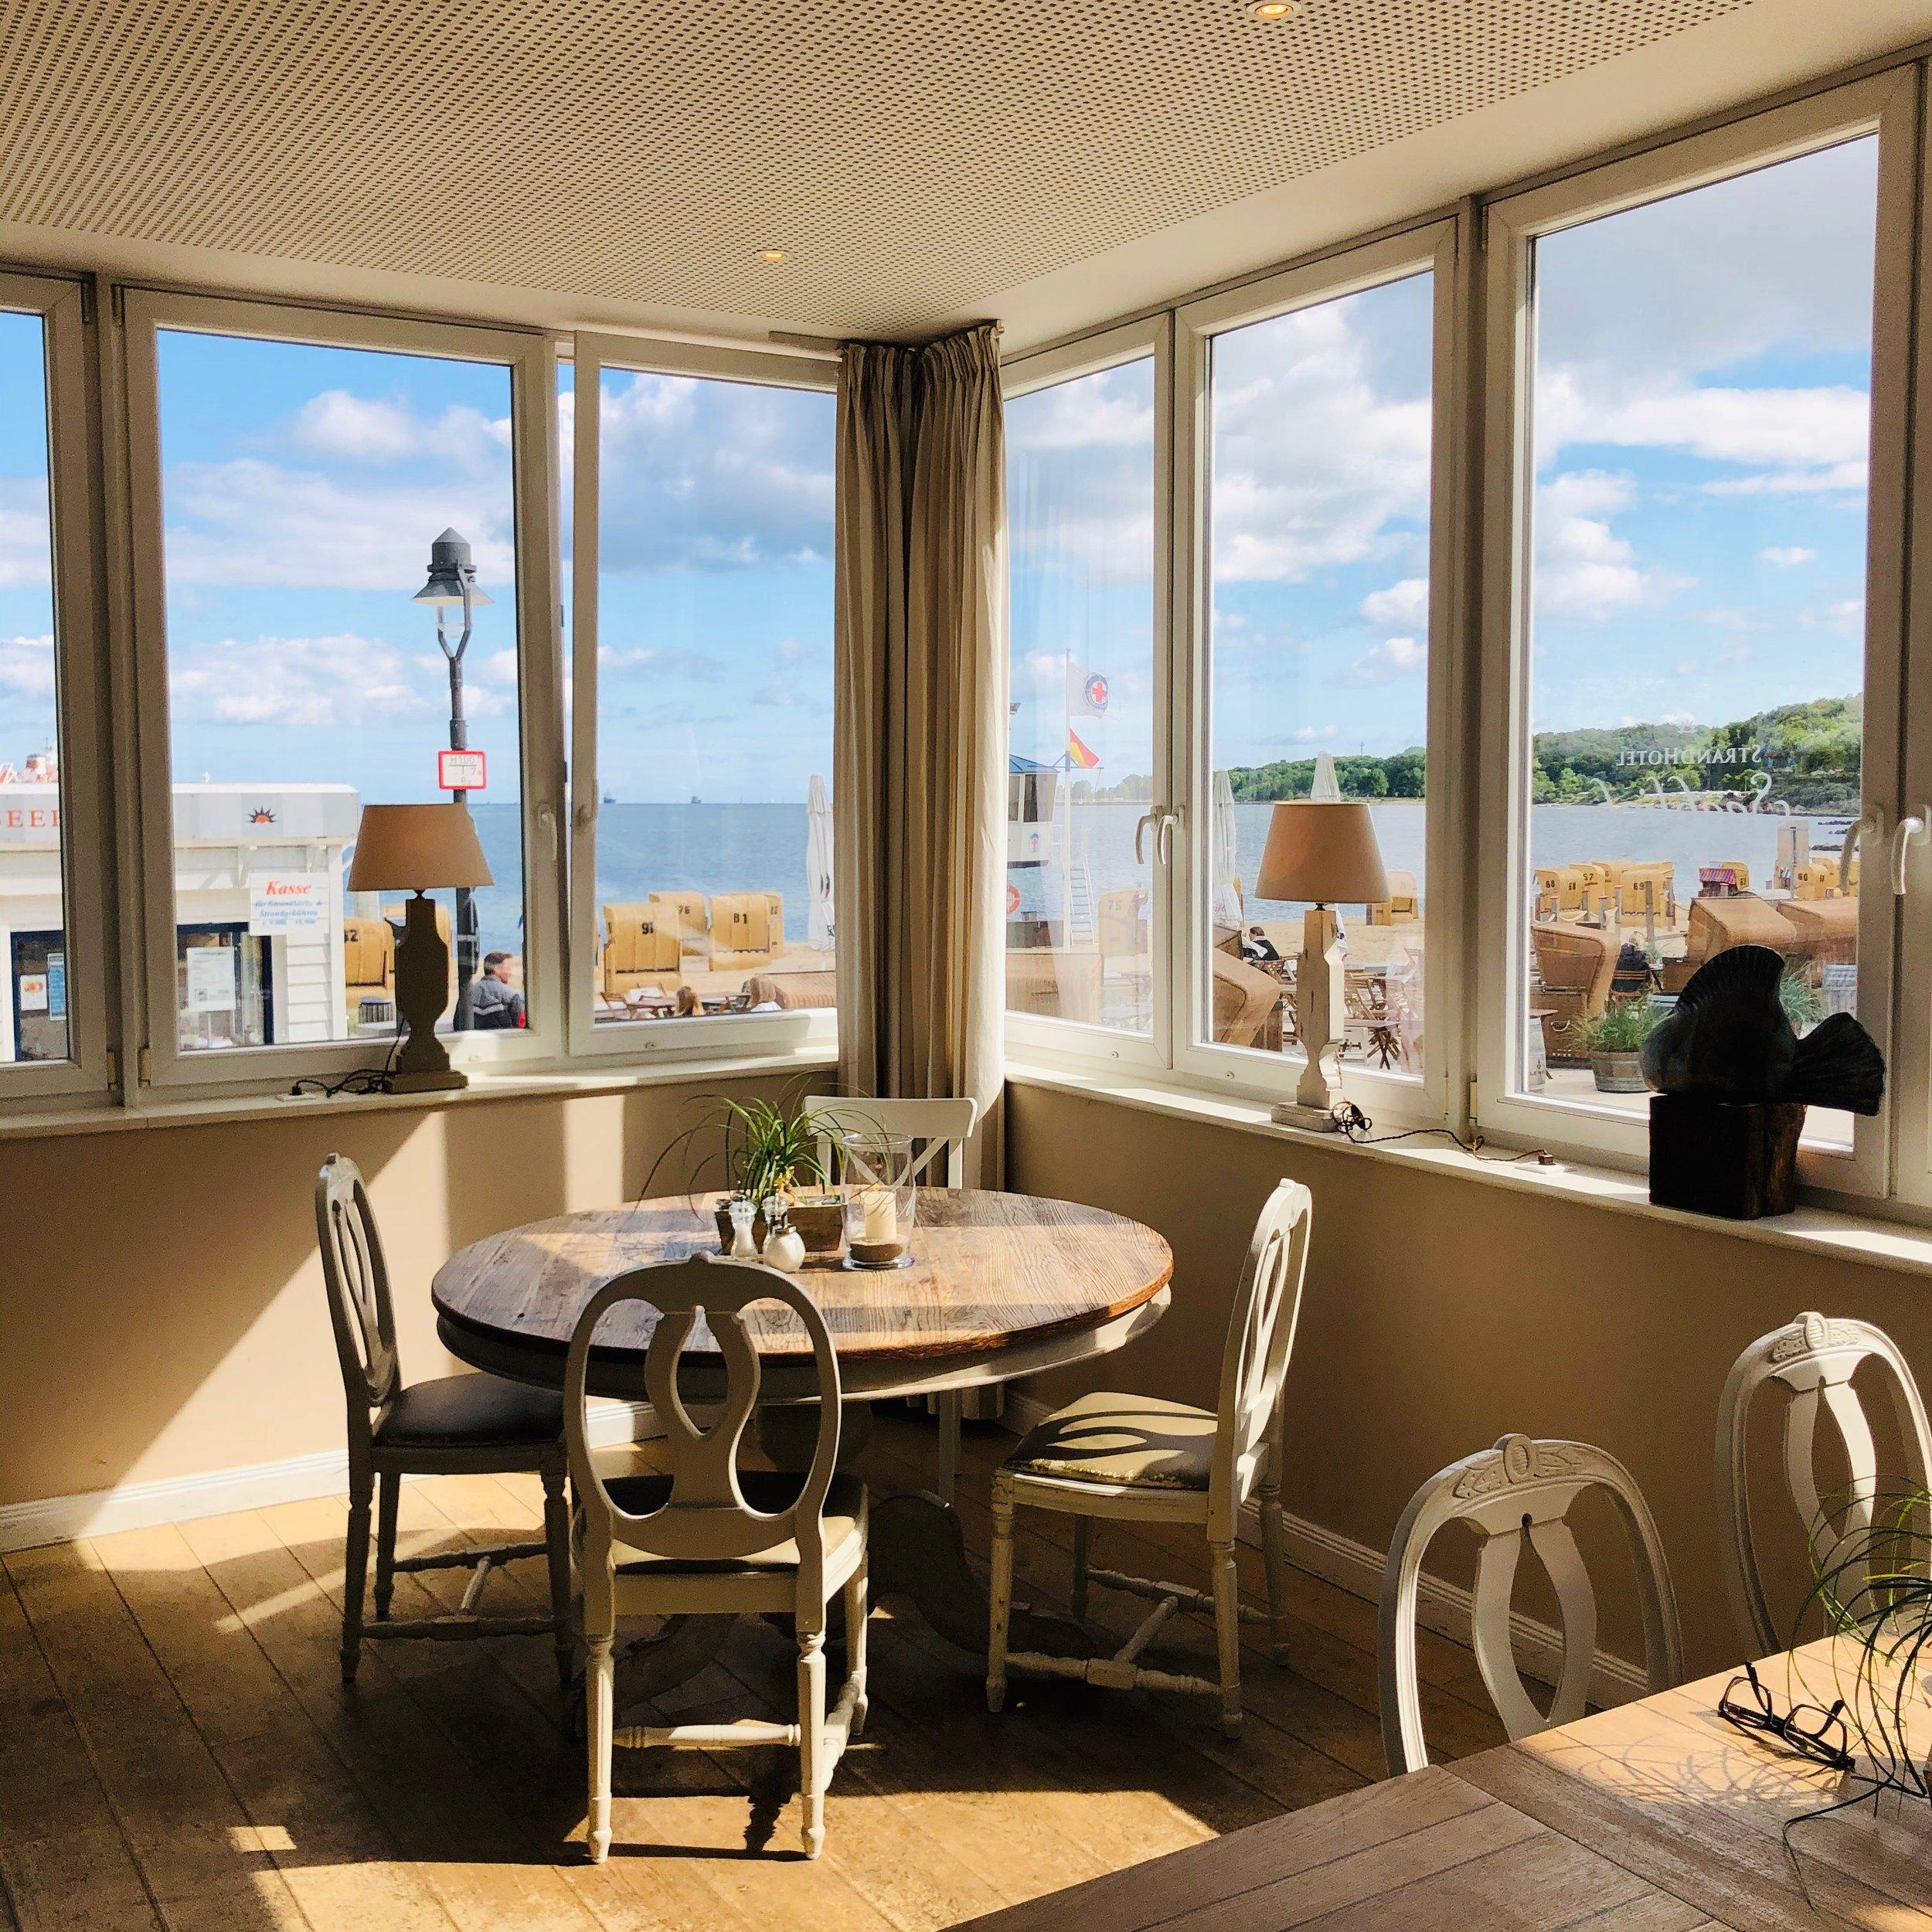 Frühstücksraum im Strandhotel Möltenort